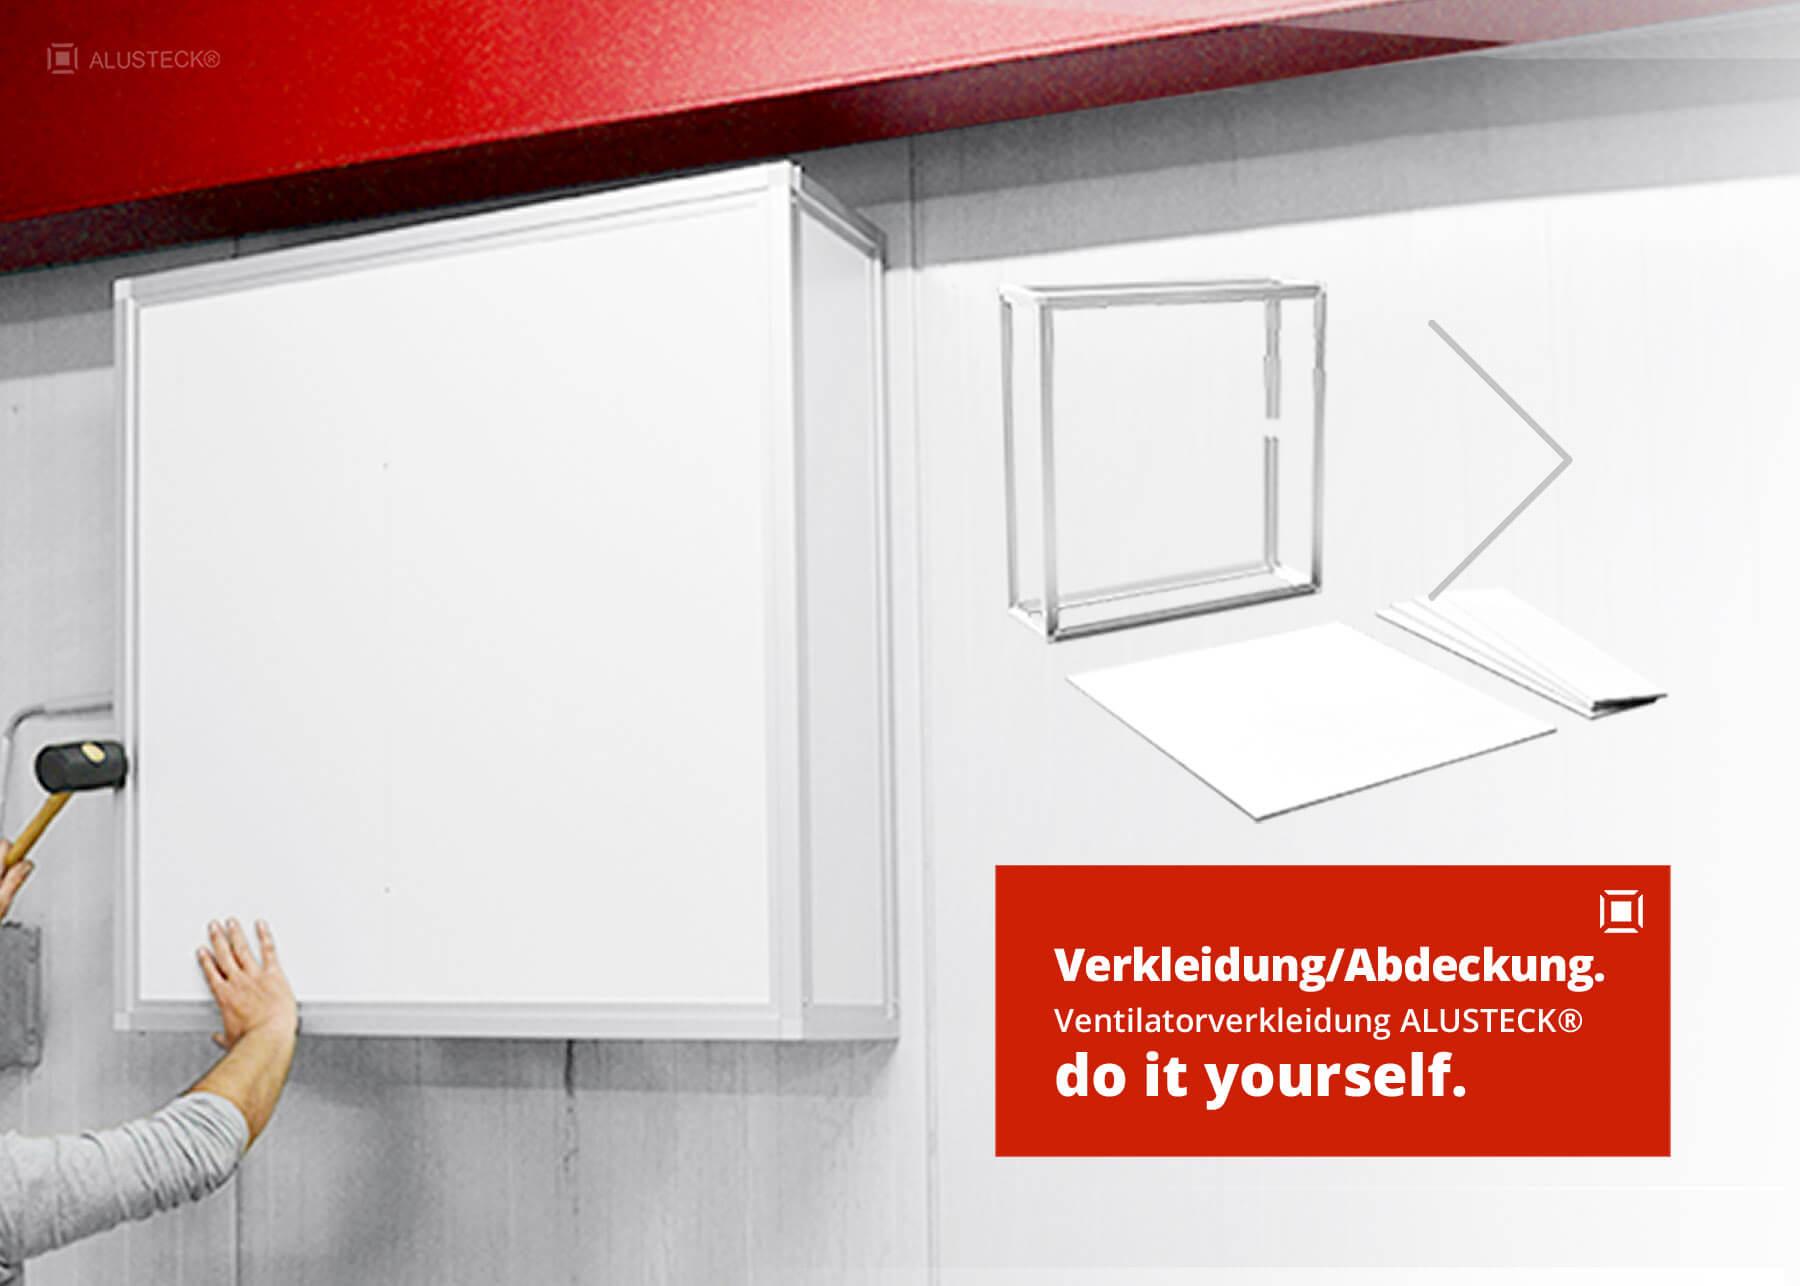 Verkleidung / Abdeckung bauen: ALUSTECK® do it yourself